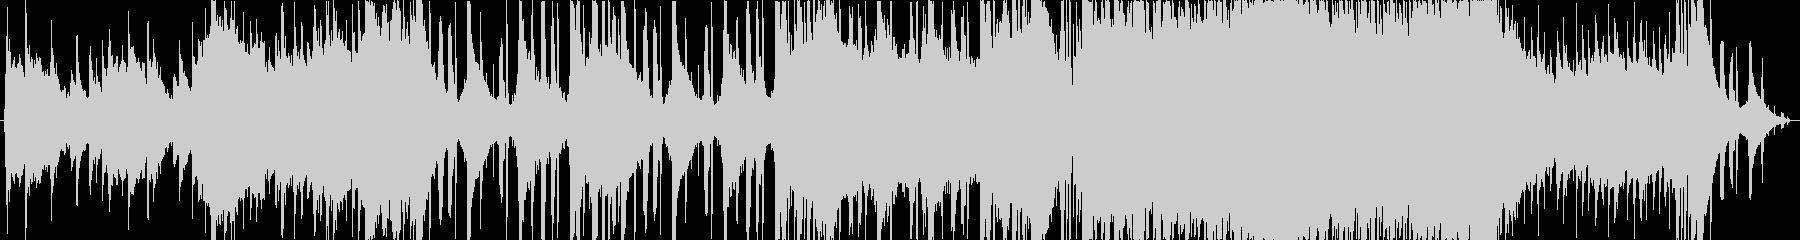 明るいピアノが特徴のJ-Popの未再生の波形